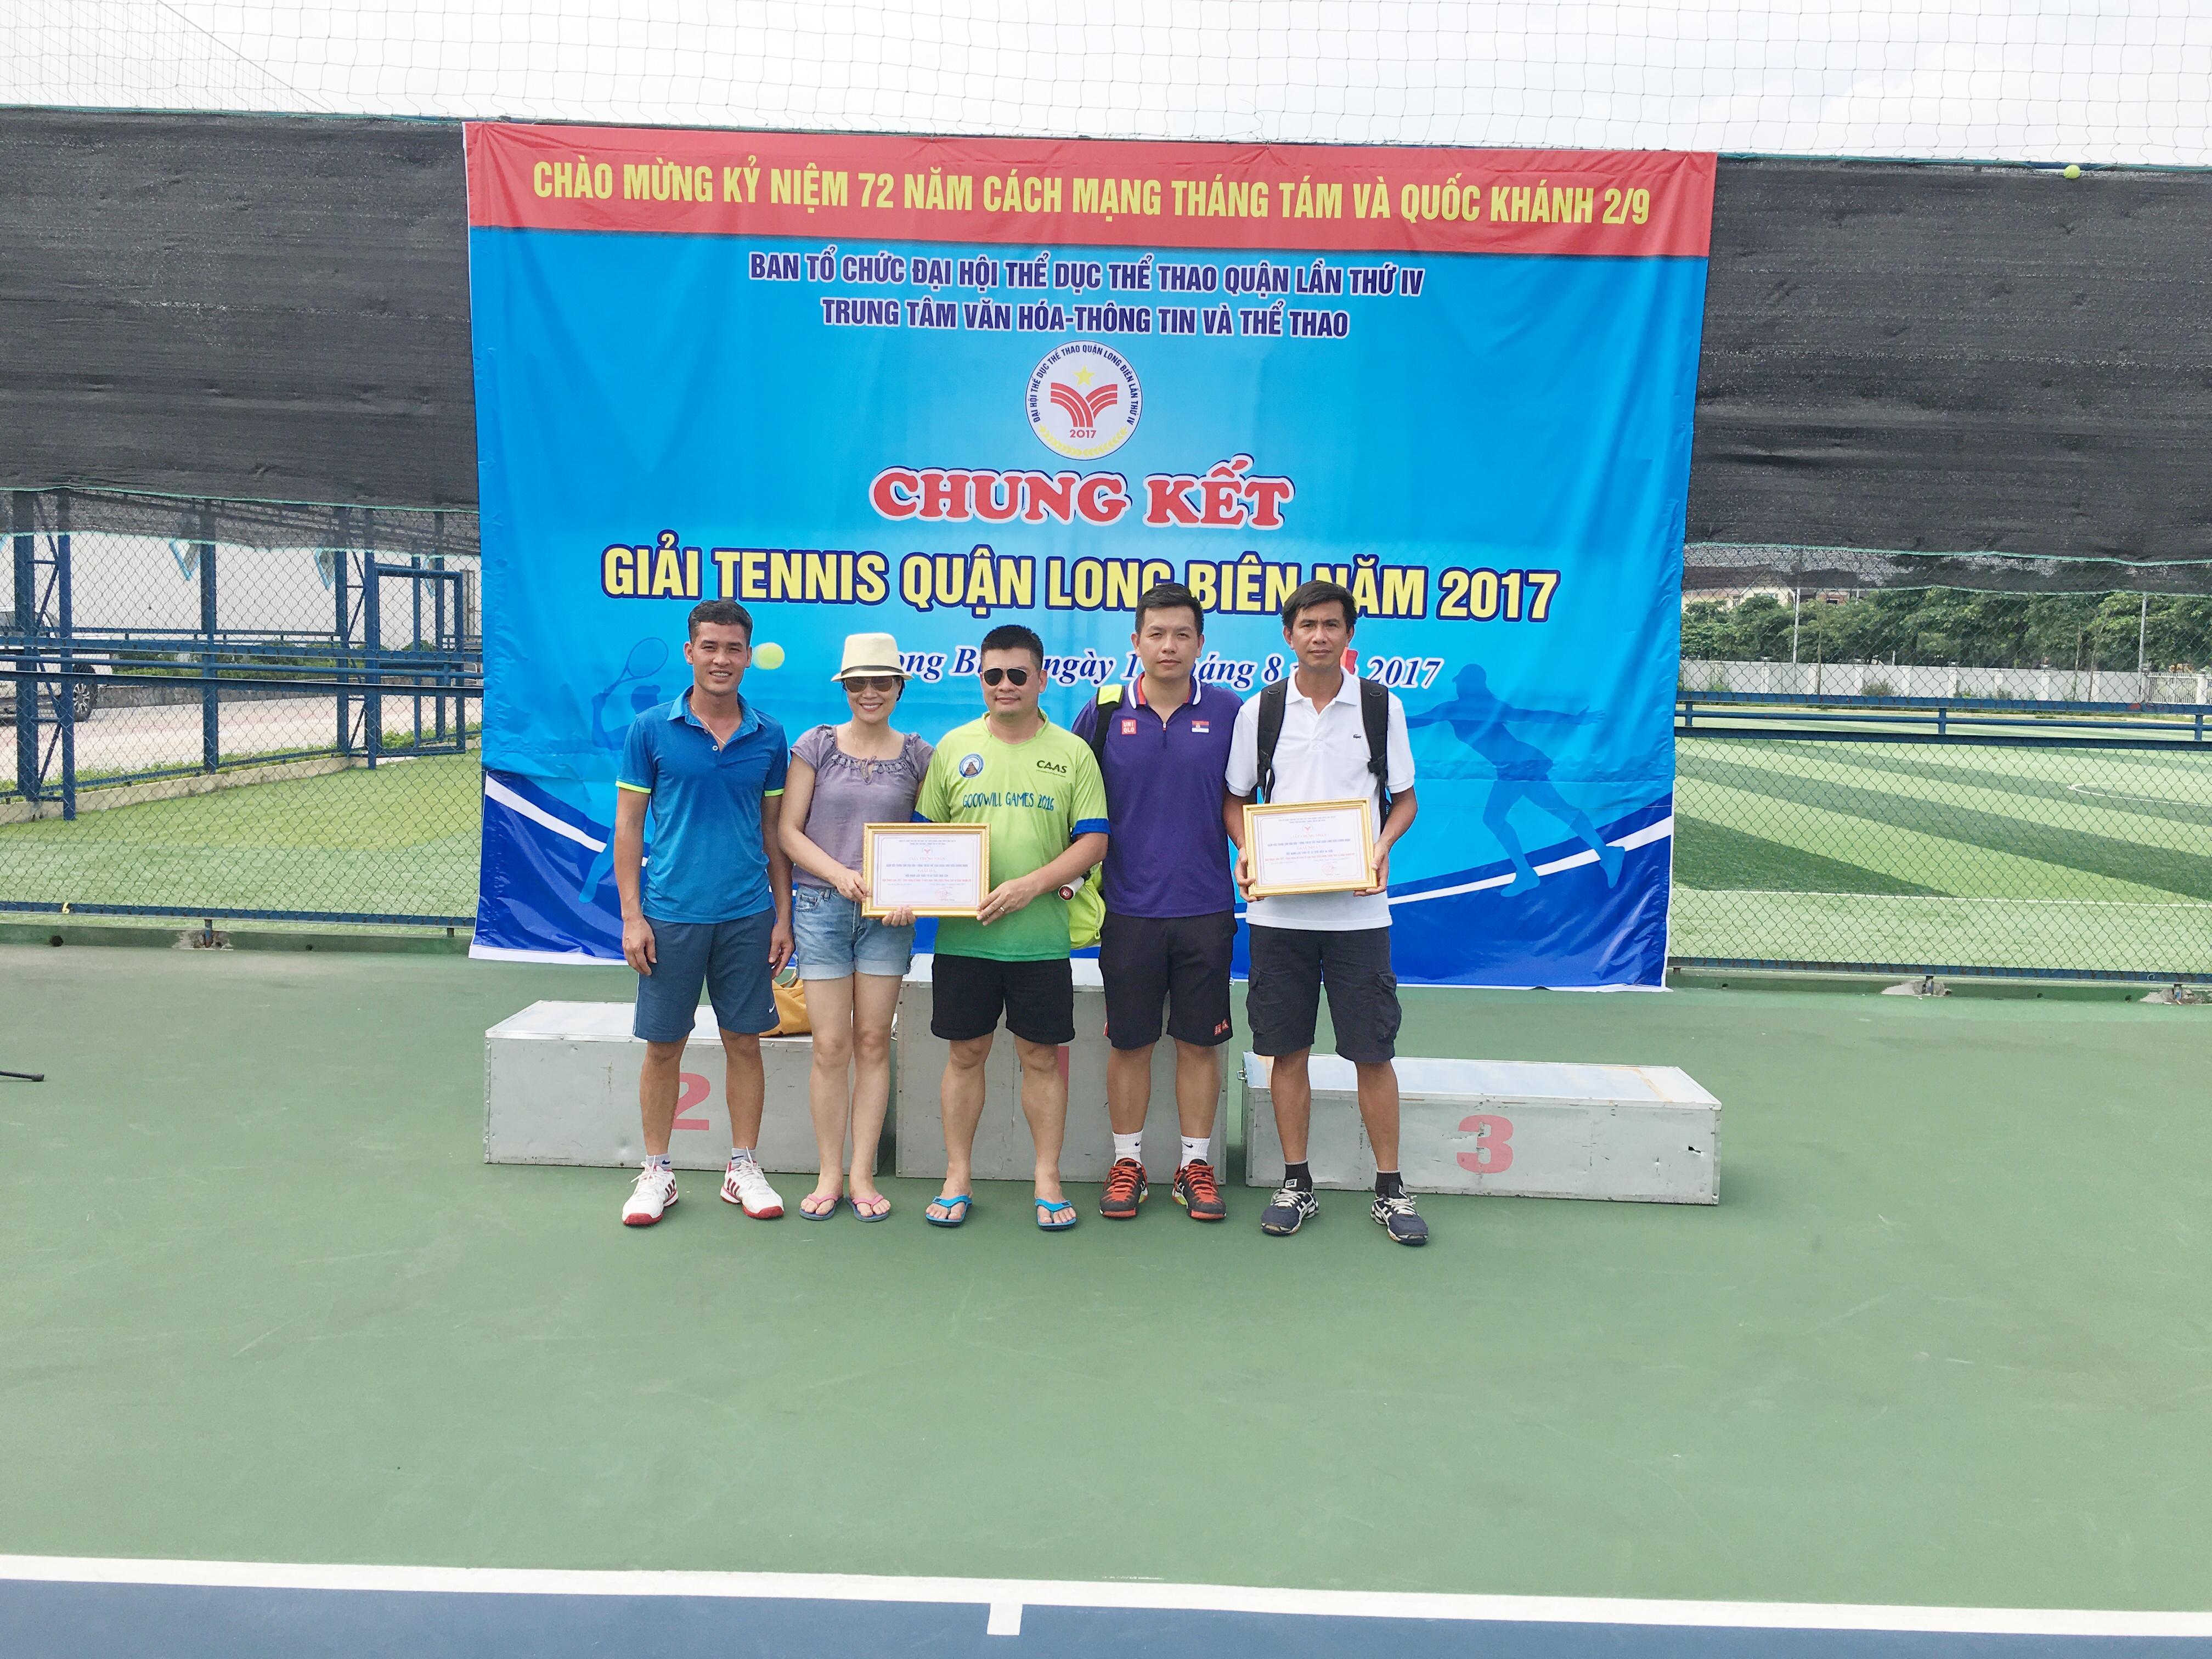 VATM tham gia giải Tennis quận Long Biên năm 2017